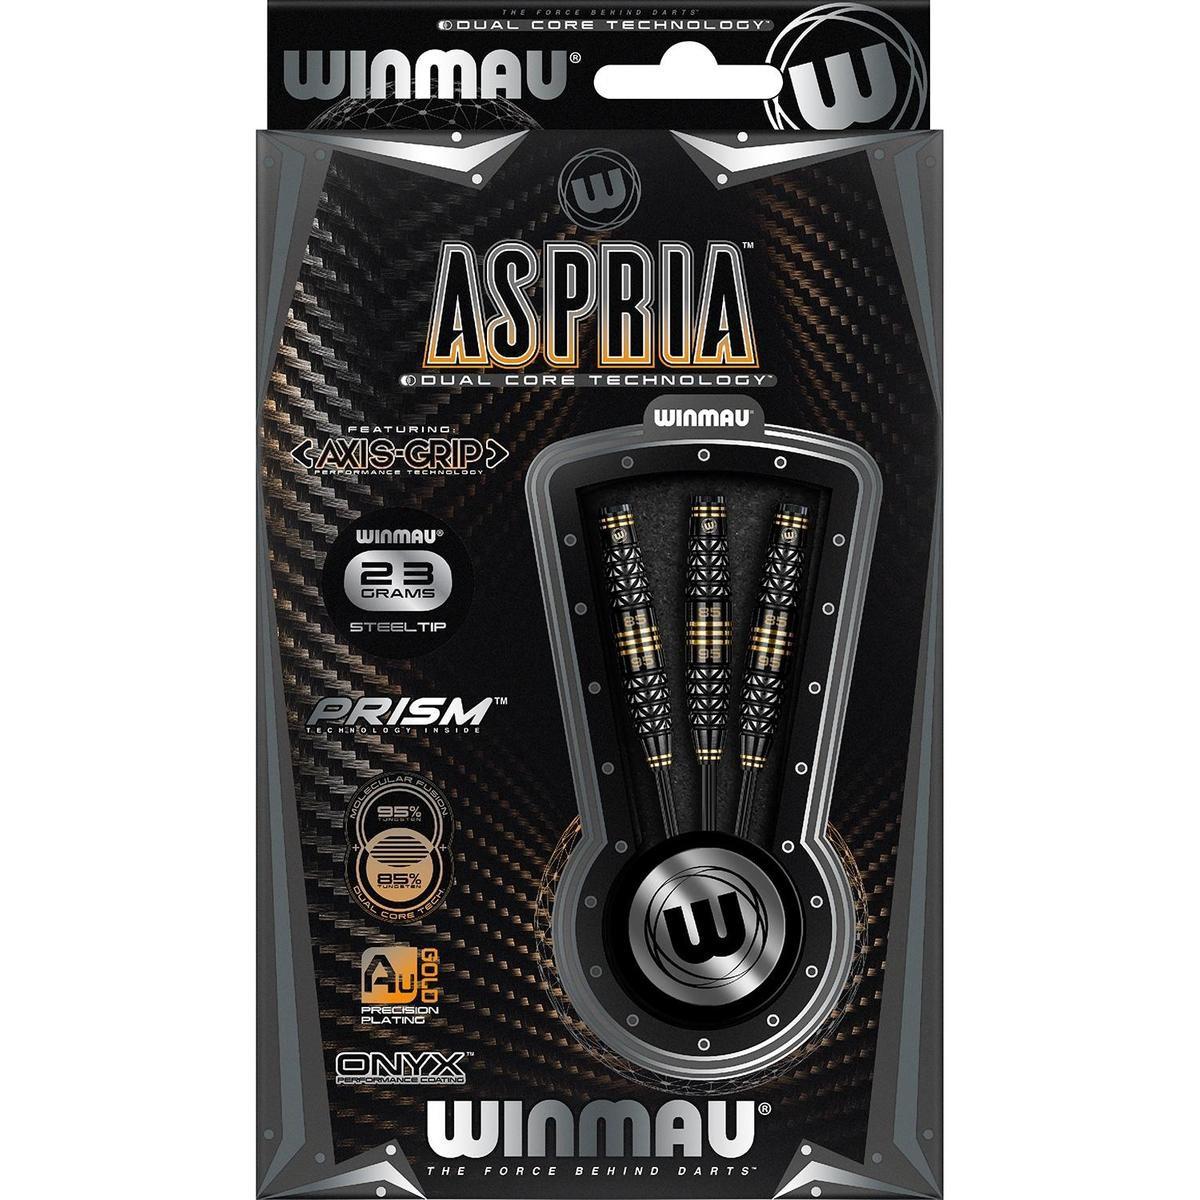 Winmau Aspria A 95%/85% - 23 Gram